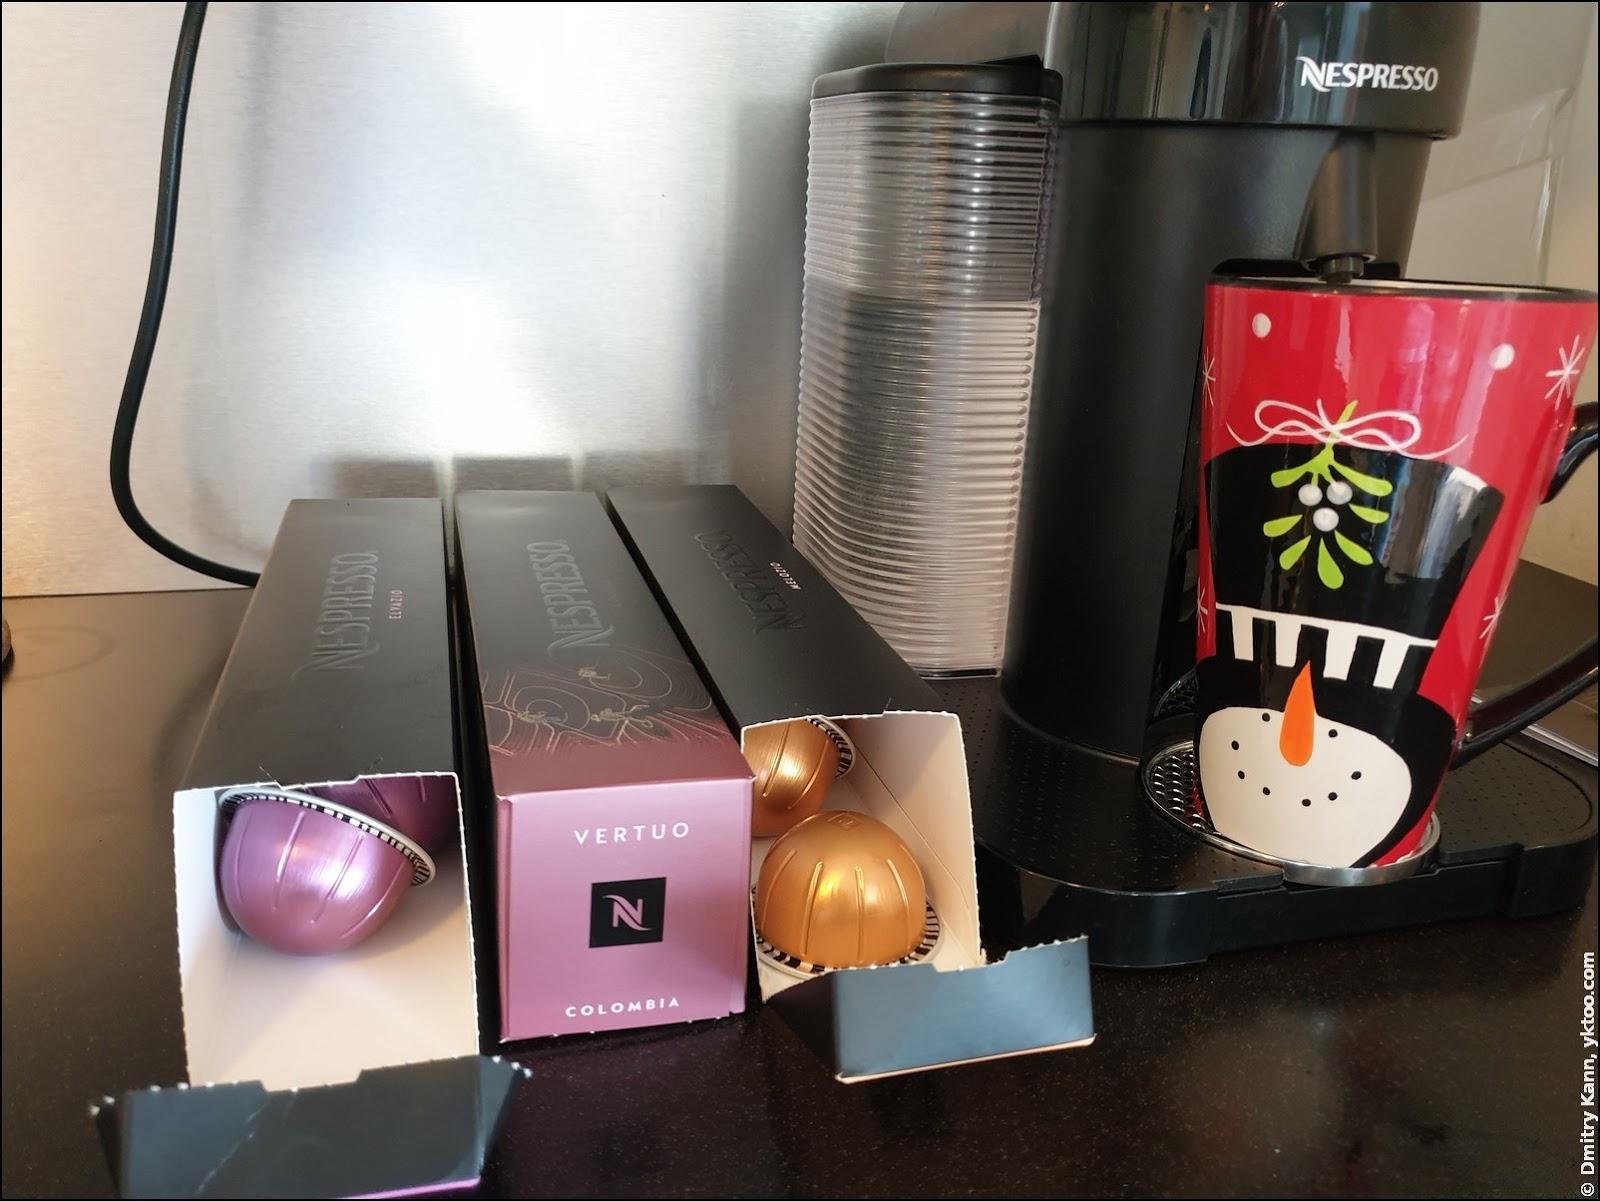 Nespresso Vertuo cups.